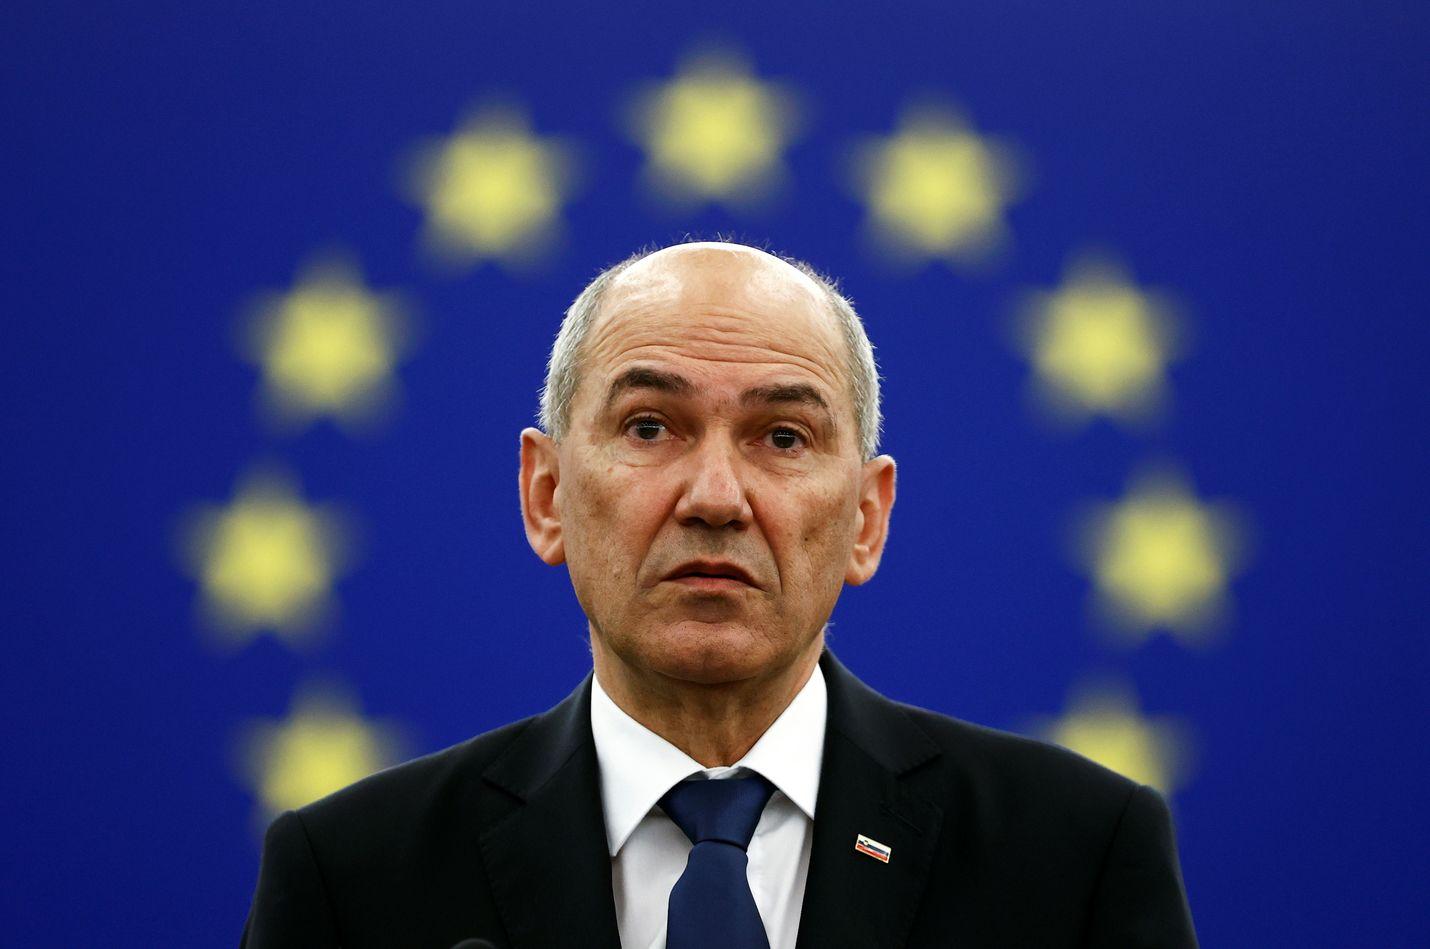 Slovenian pääministeri Janez Janša on sitkasta lajia. EU-puheenjohtajamaan hallituksen johtaja on ehtinyt olla kolme kertaa pääministerinä ja vankilassakin. Nykyään hänet tunnetaan Twitterissä usein älähtävänä Marsalkka Twitona.